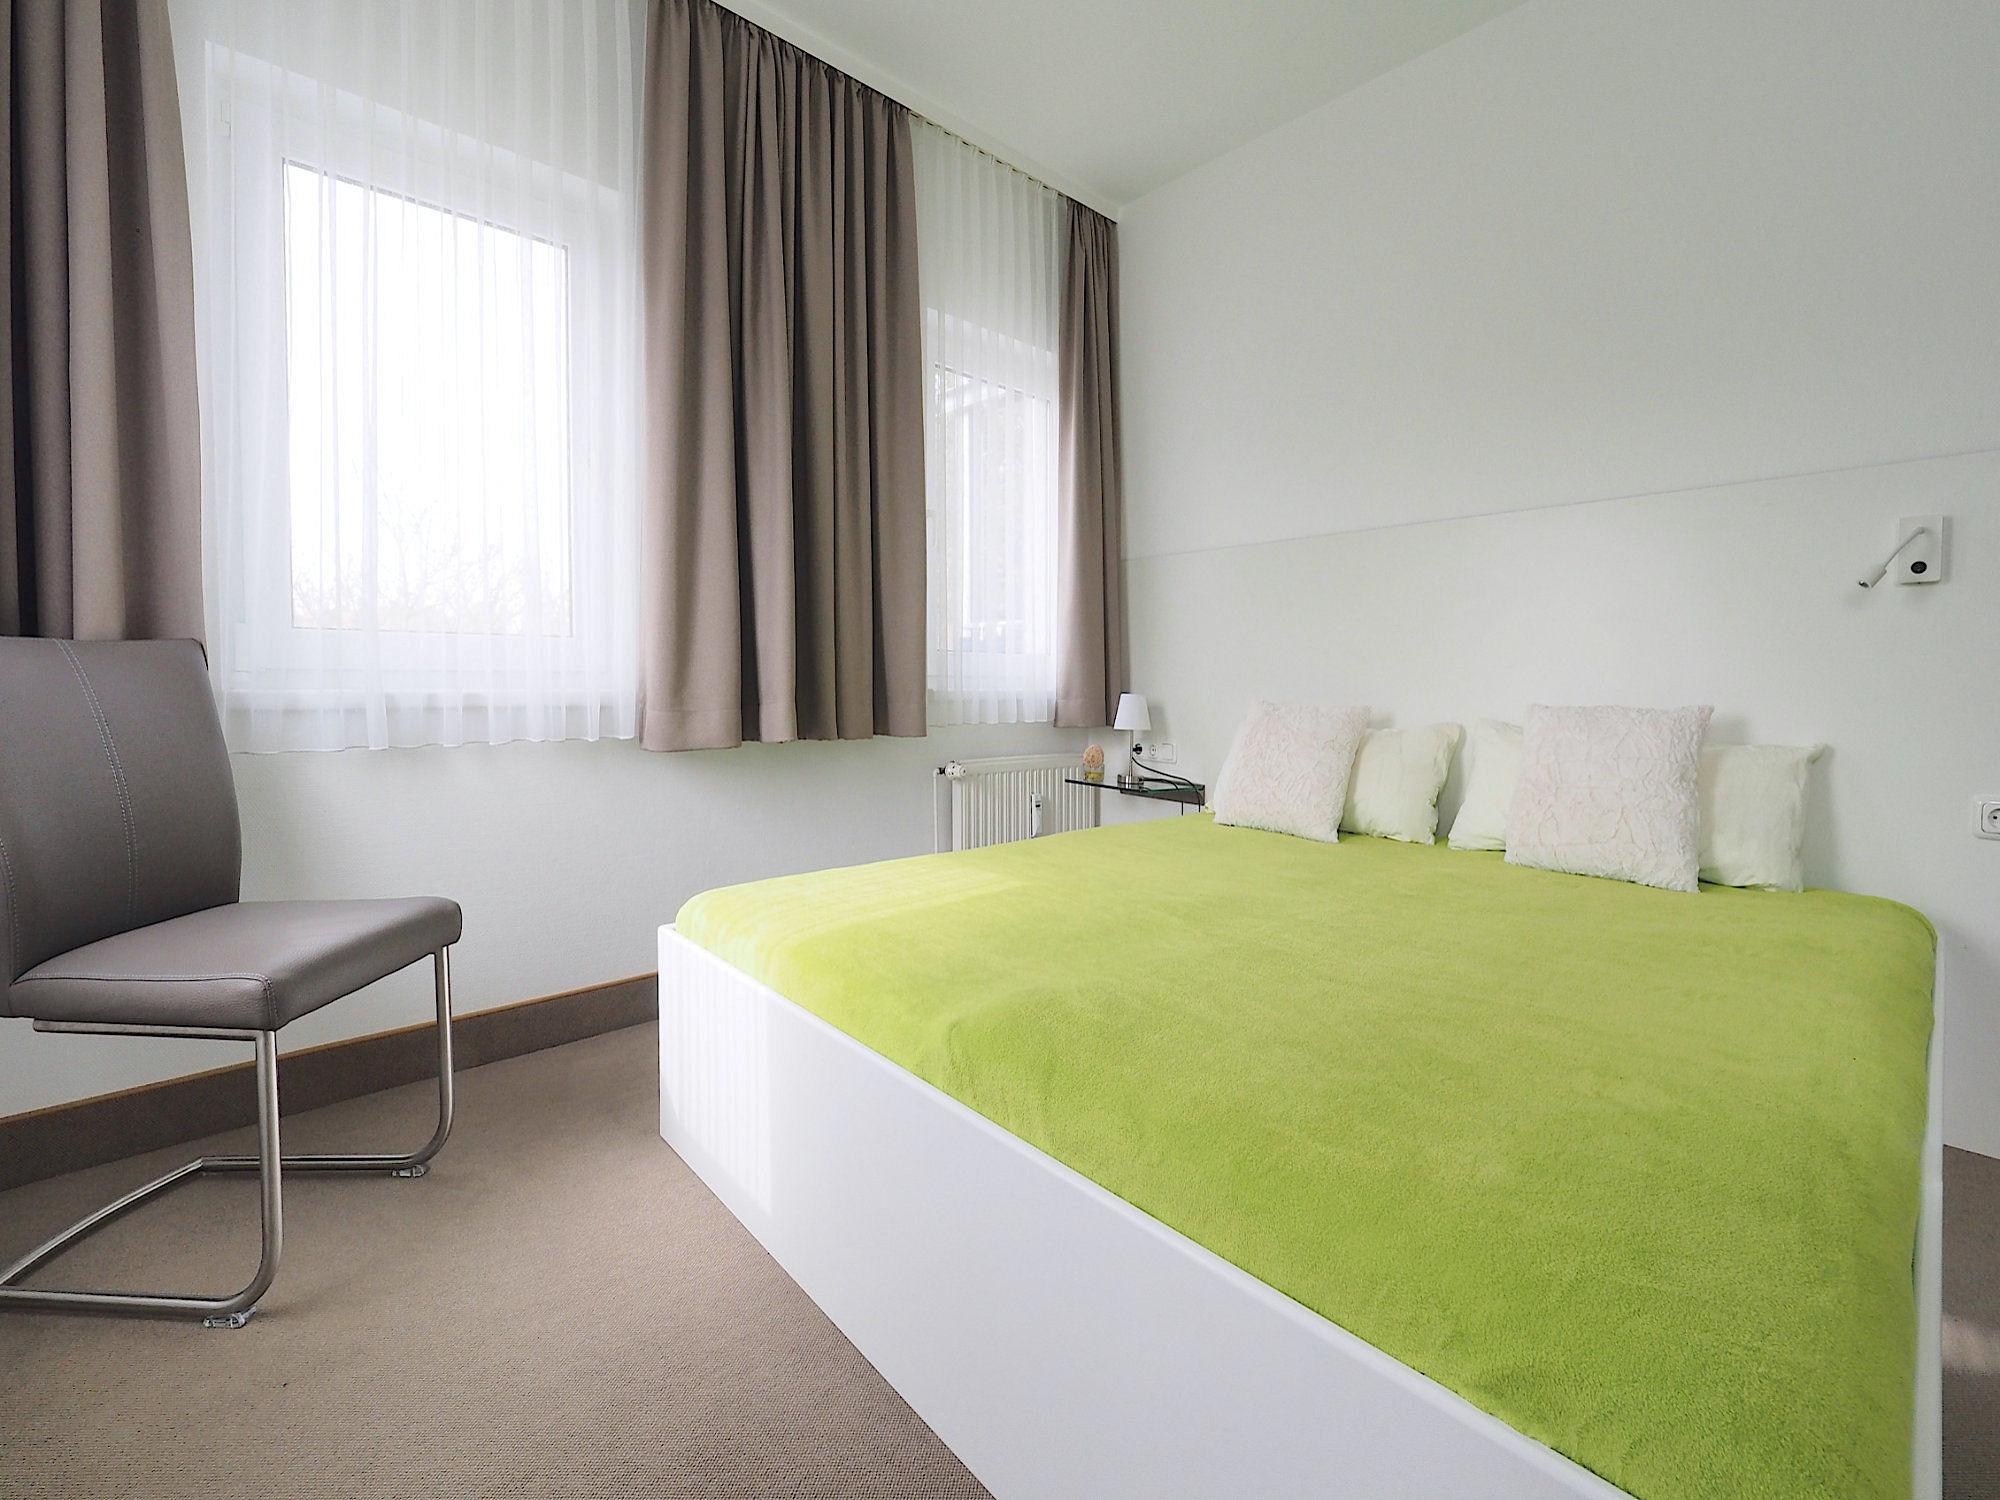 Schlafzimmer mit  Doppelbett, im Hintergrund zwei große Fenster